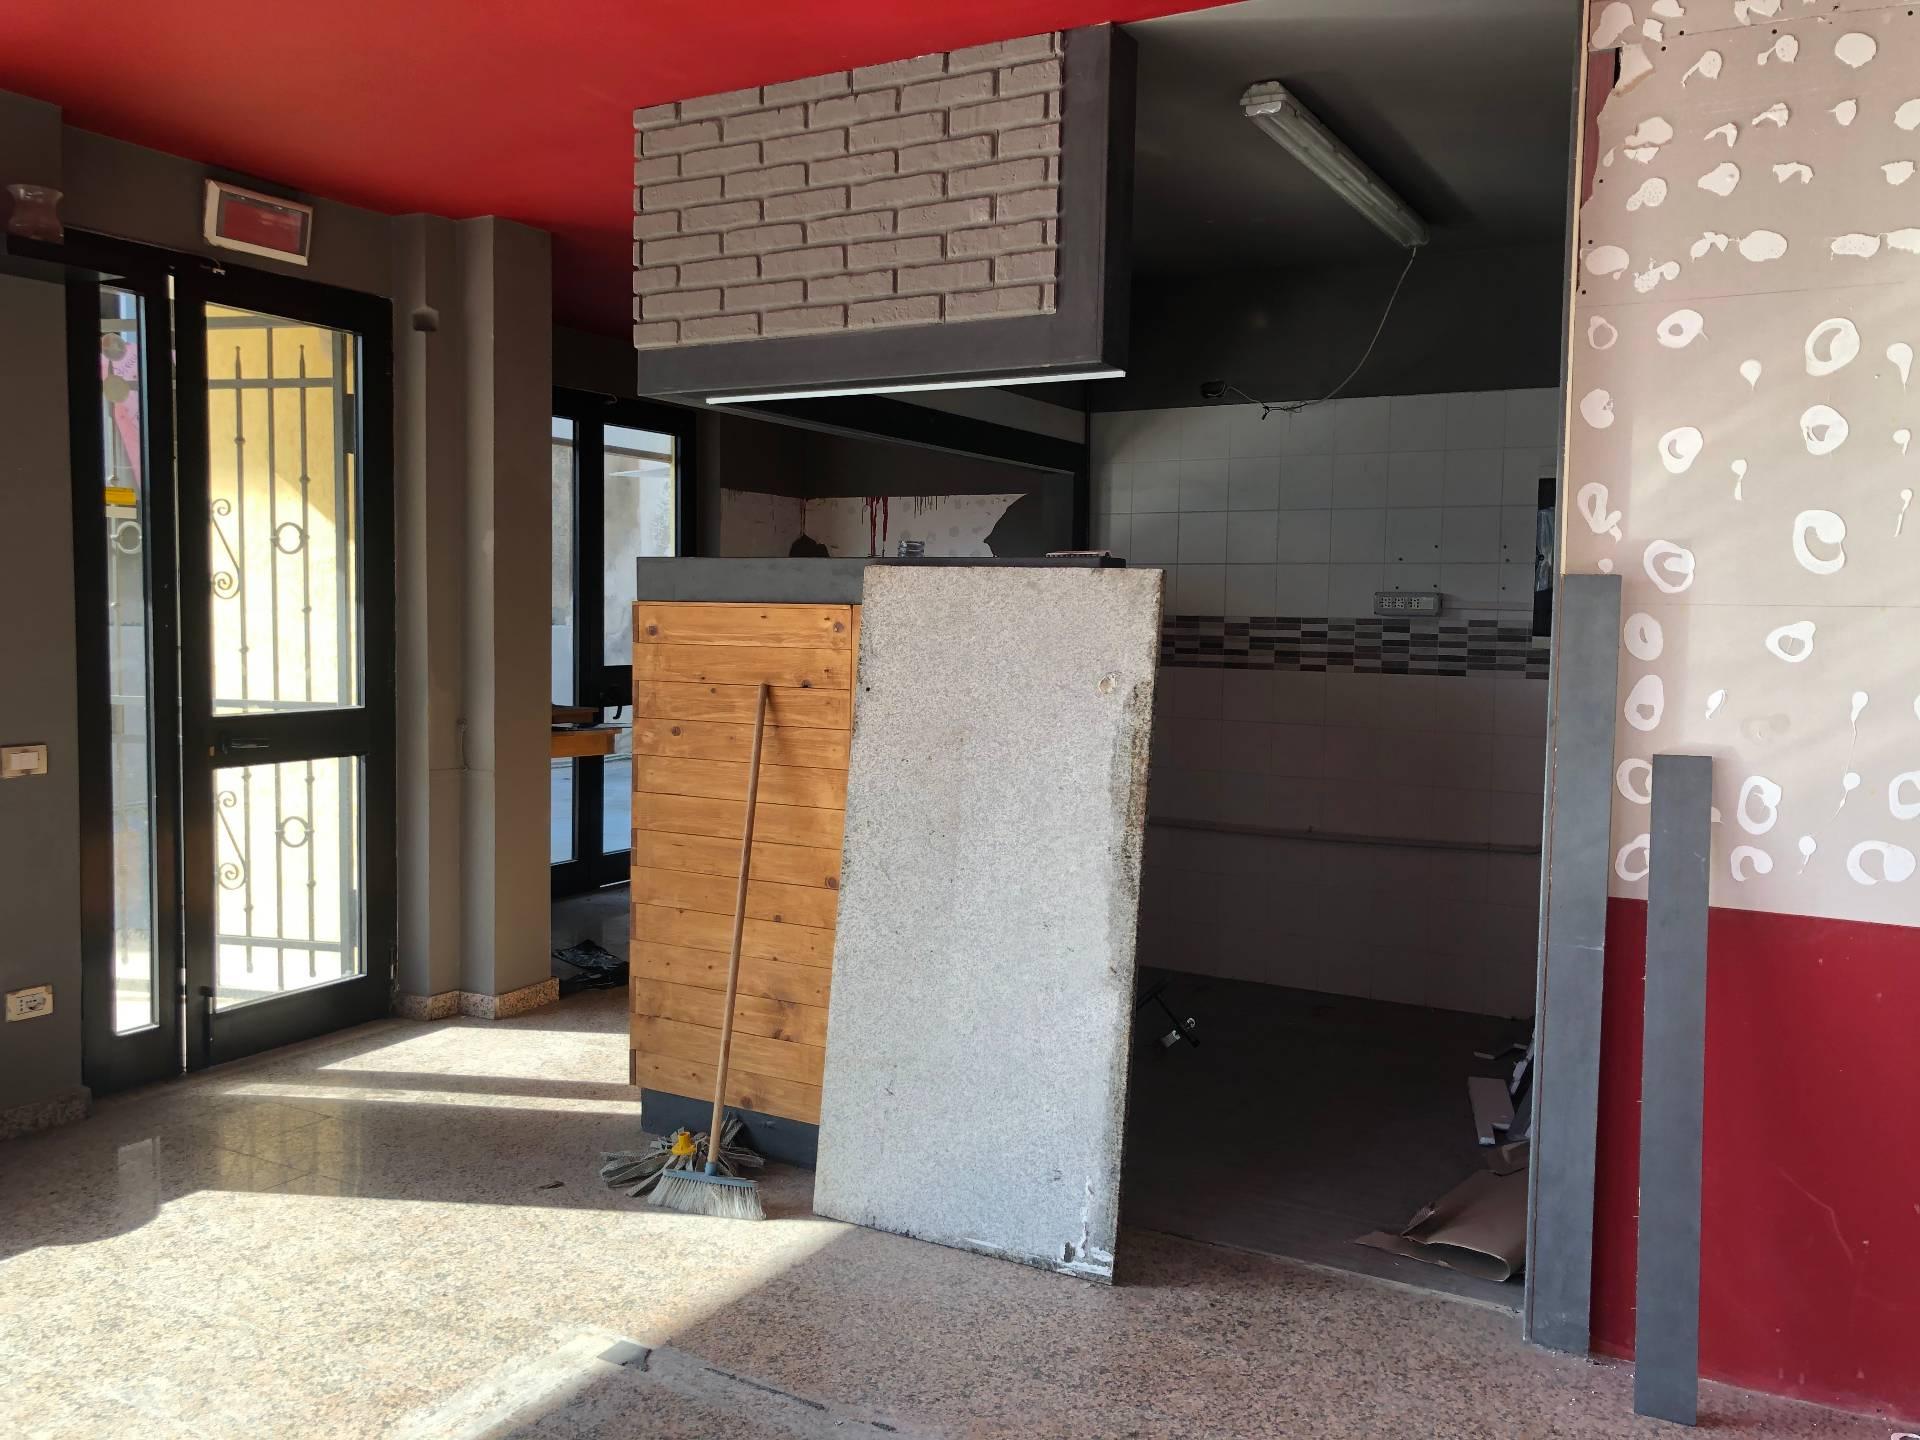 Attività commerciale in affitto - Viareggio